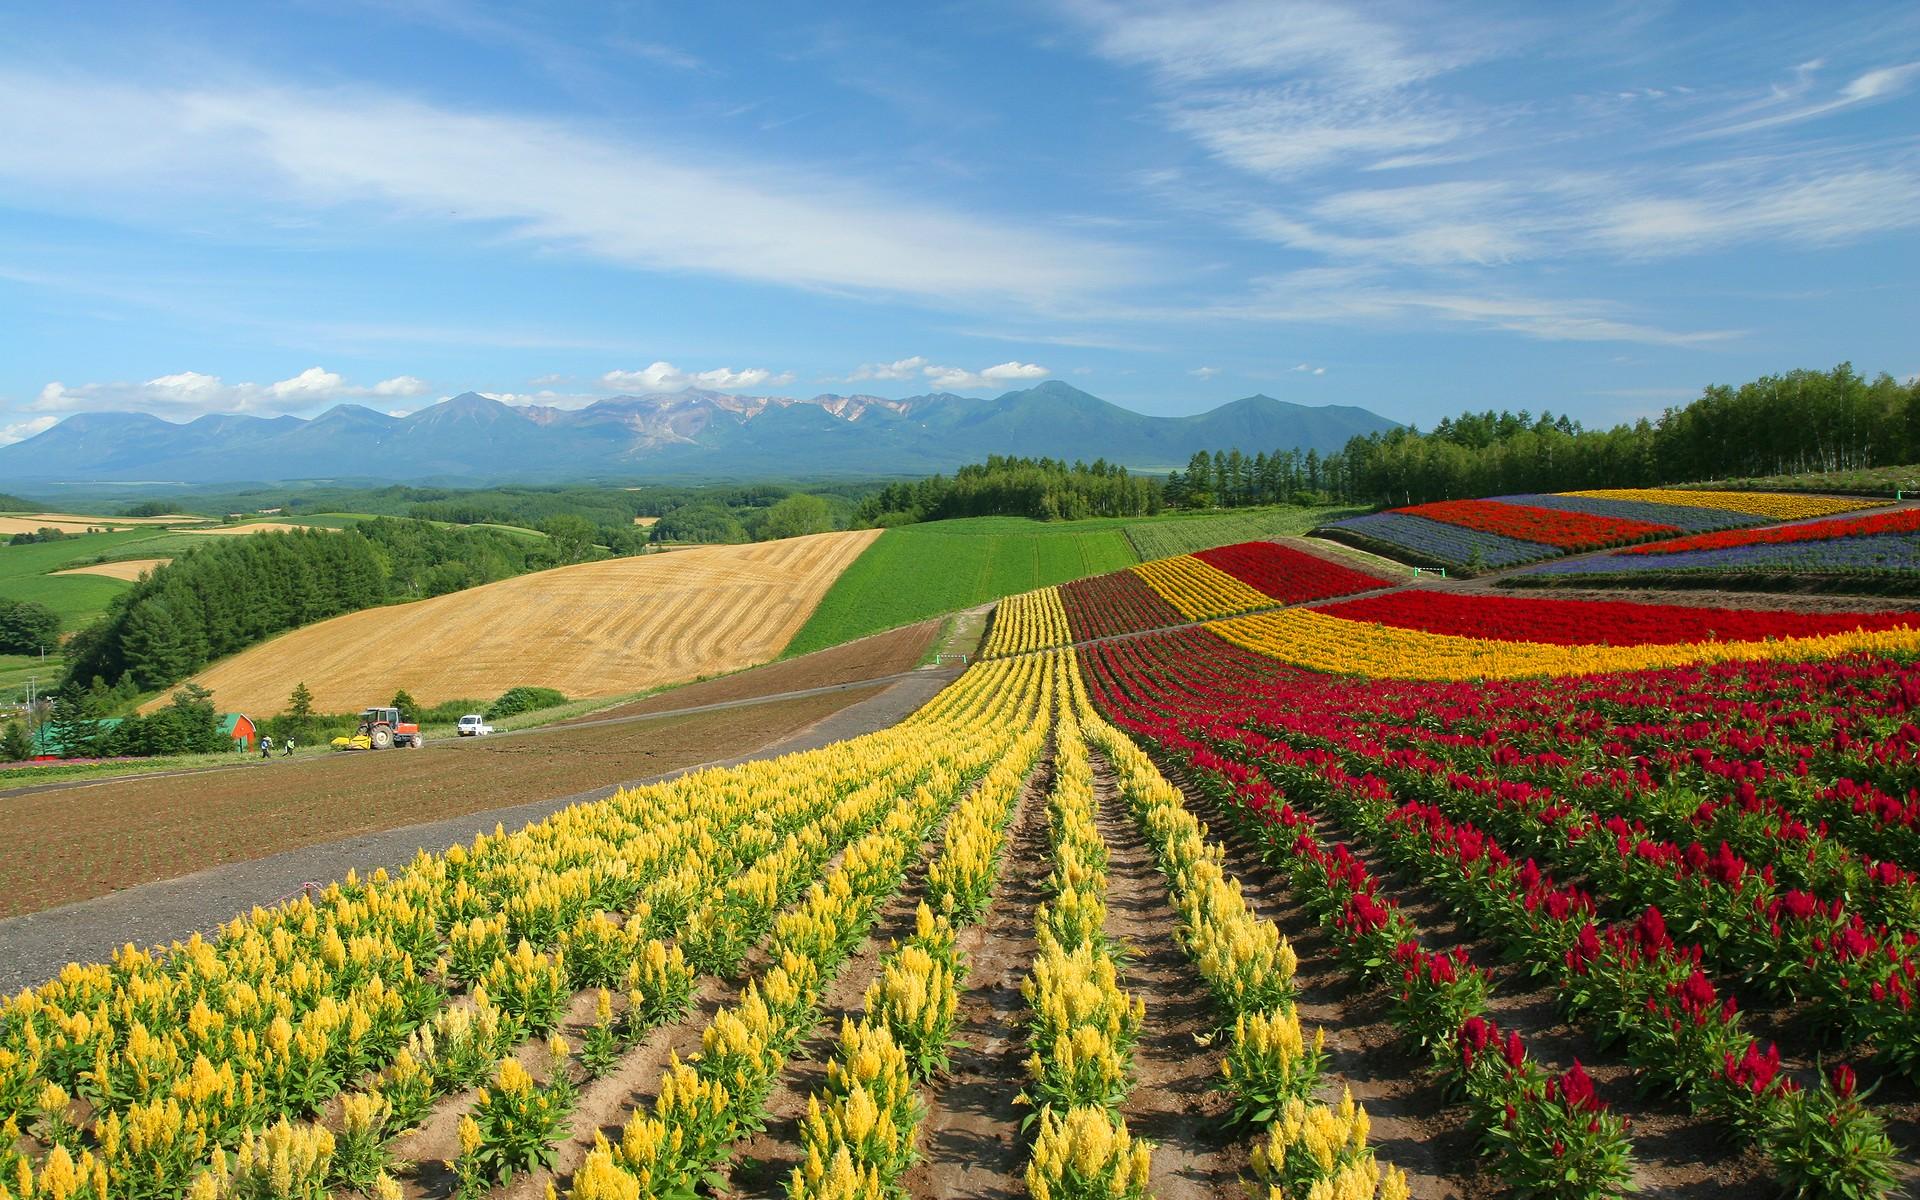 46 country scenery wallpaper on wallpapersafari - Open field wallpaper ...